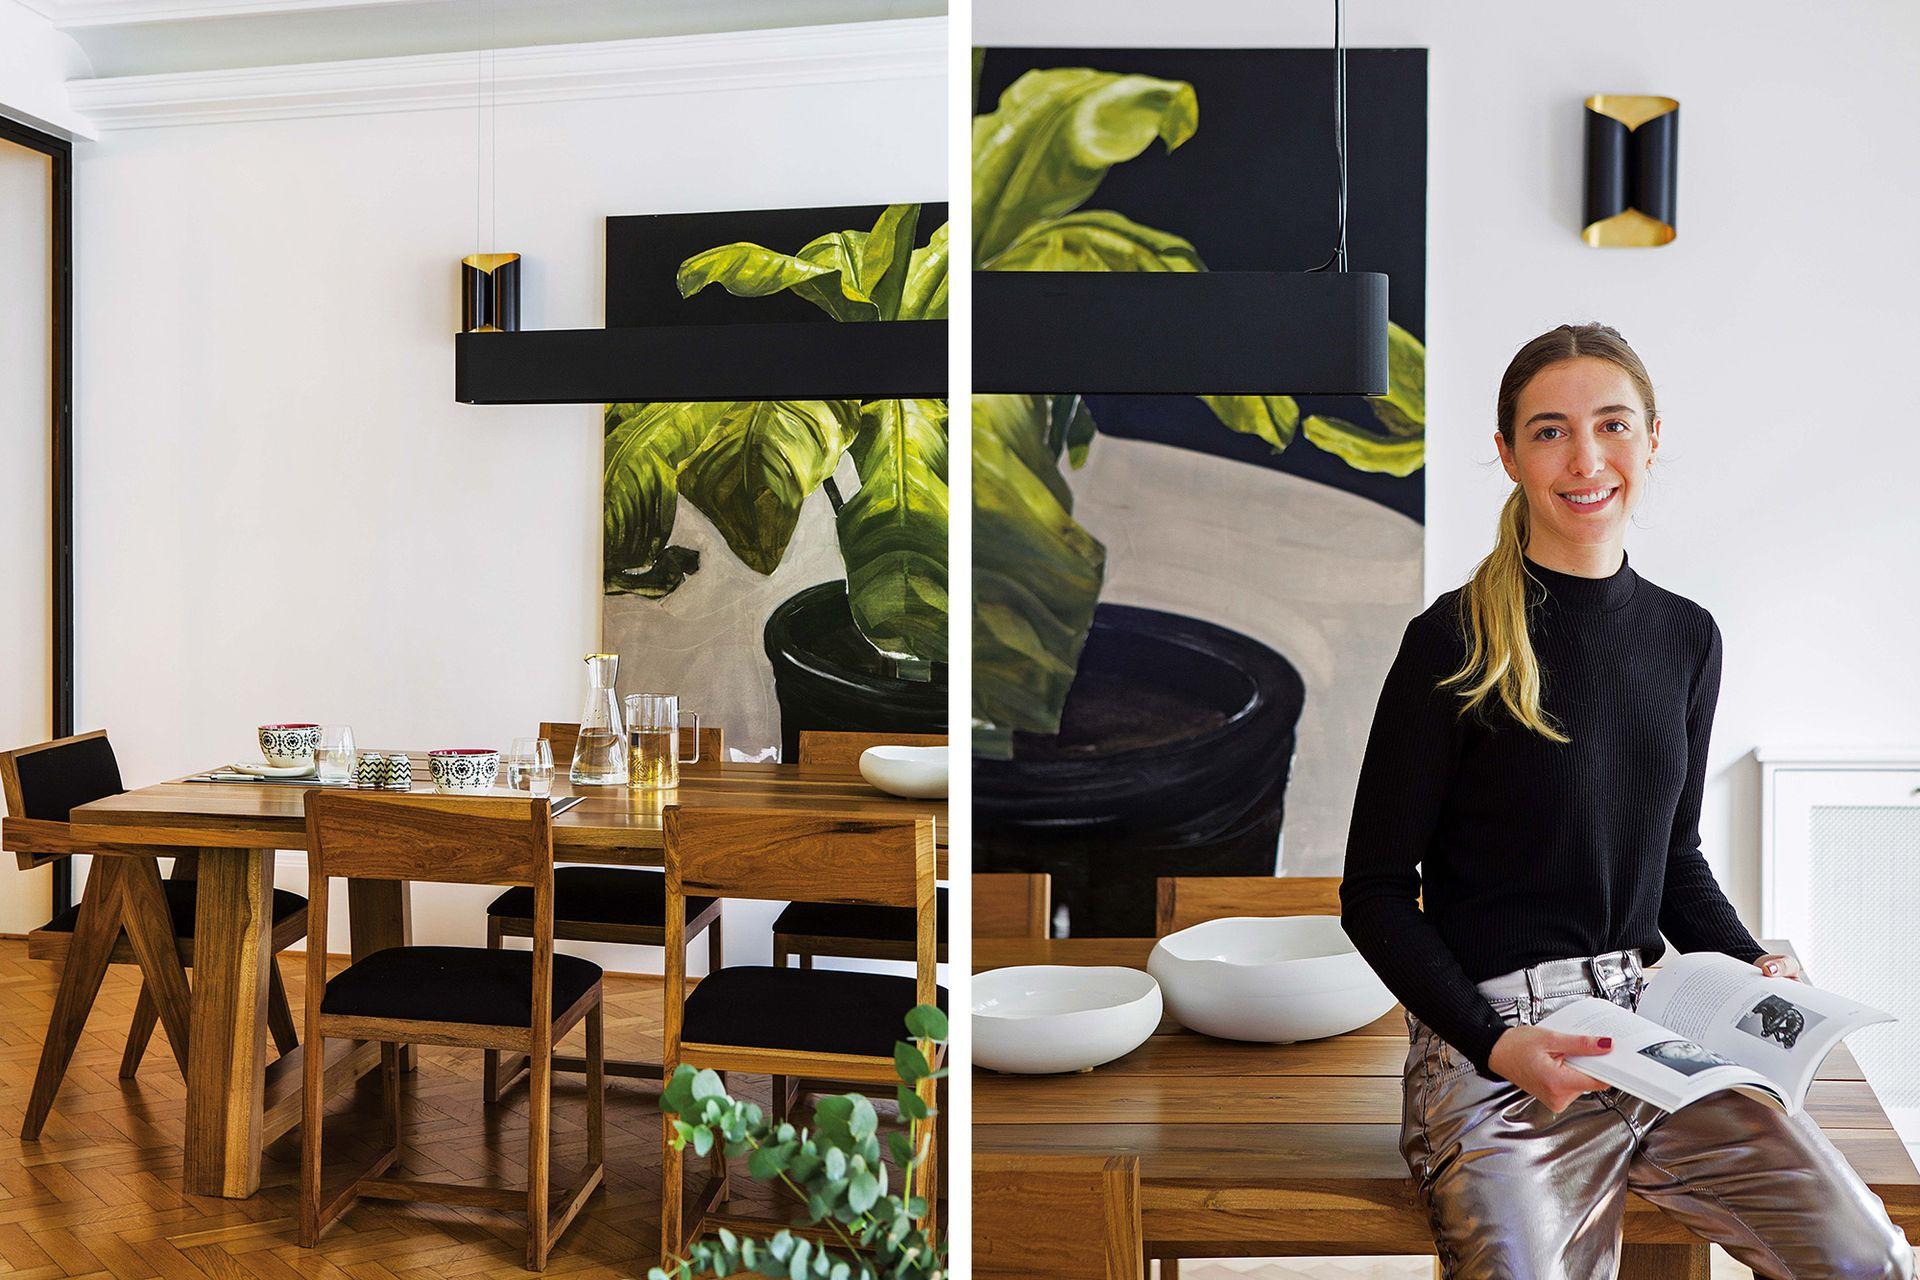 La pintura de Fernando O'Connor enfatiza la gama elegida y actúa como cabecera del ambiente. La arquitecta Josefina Nano, a cargo de la reforma y dueña de casa.